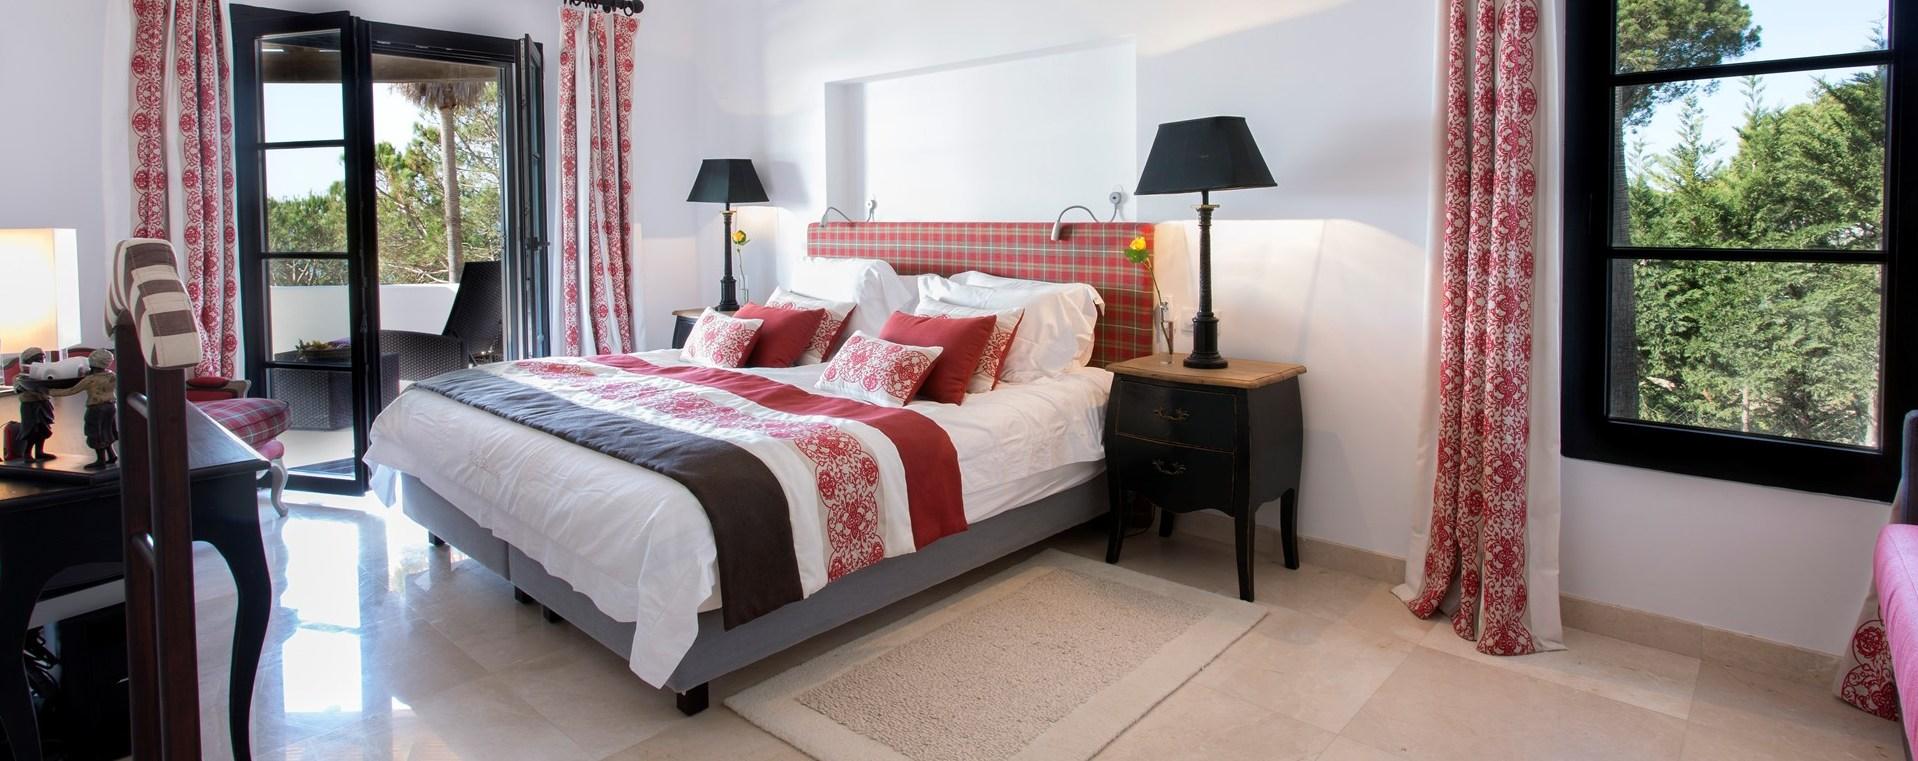 villa-balbina-algarve-bedroom-suite